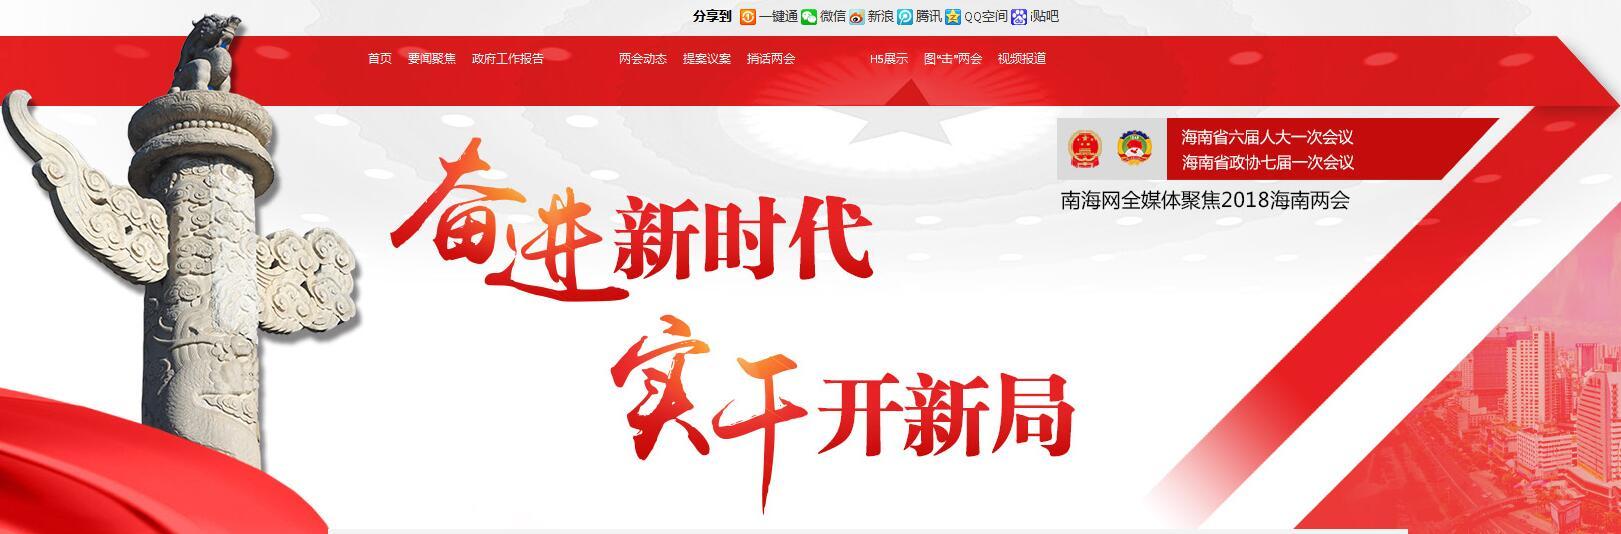 """<b>南海网""""两会""""报道受热捧 推出系列融媒体H5产品</b>"""